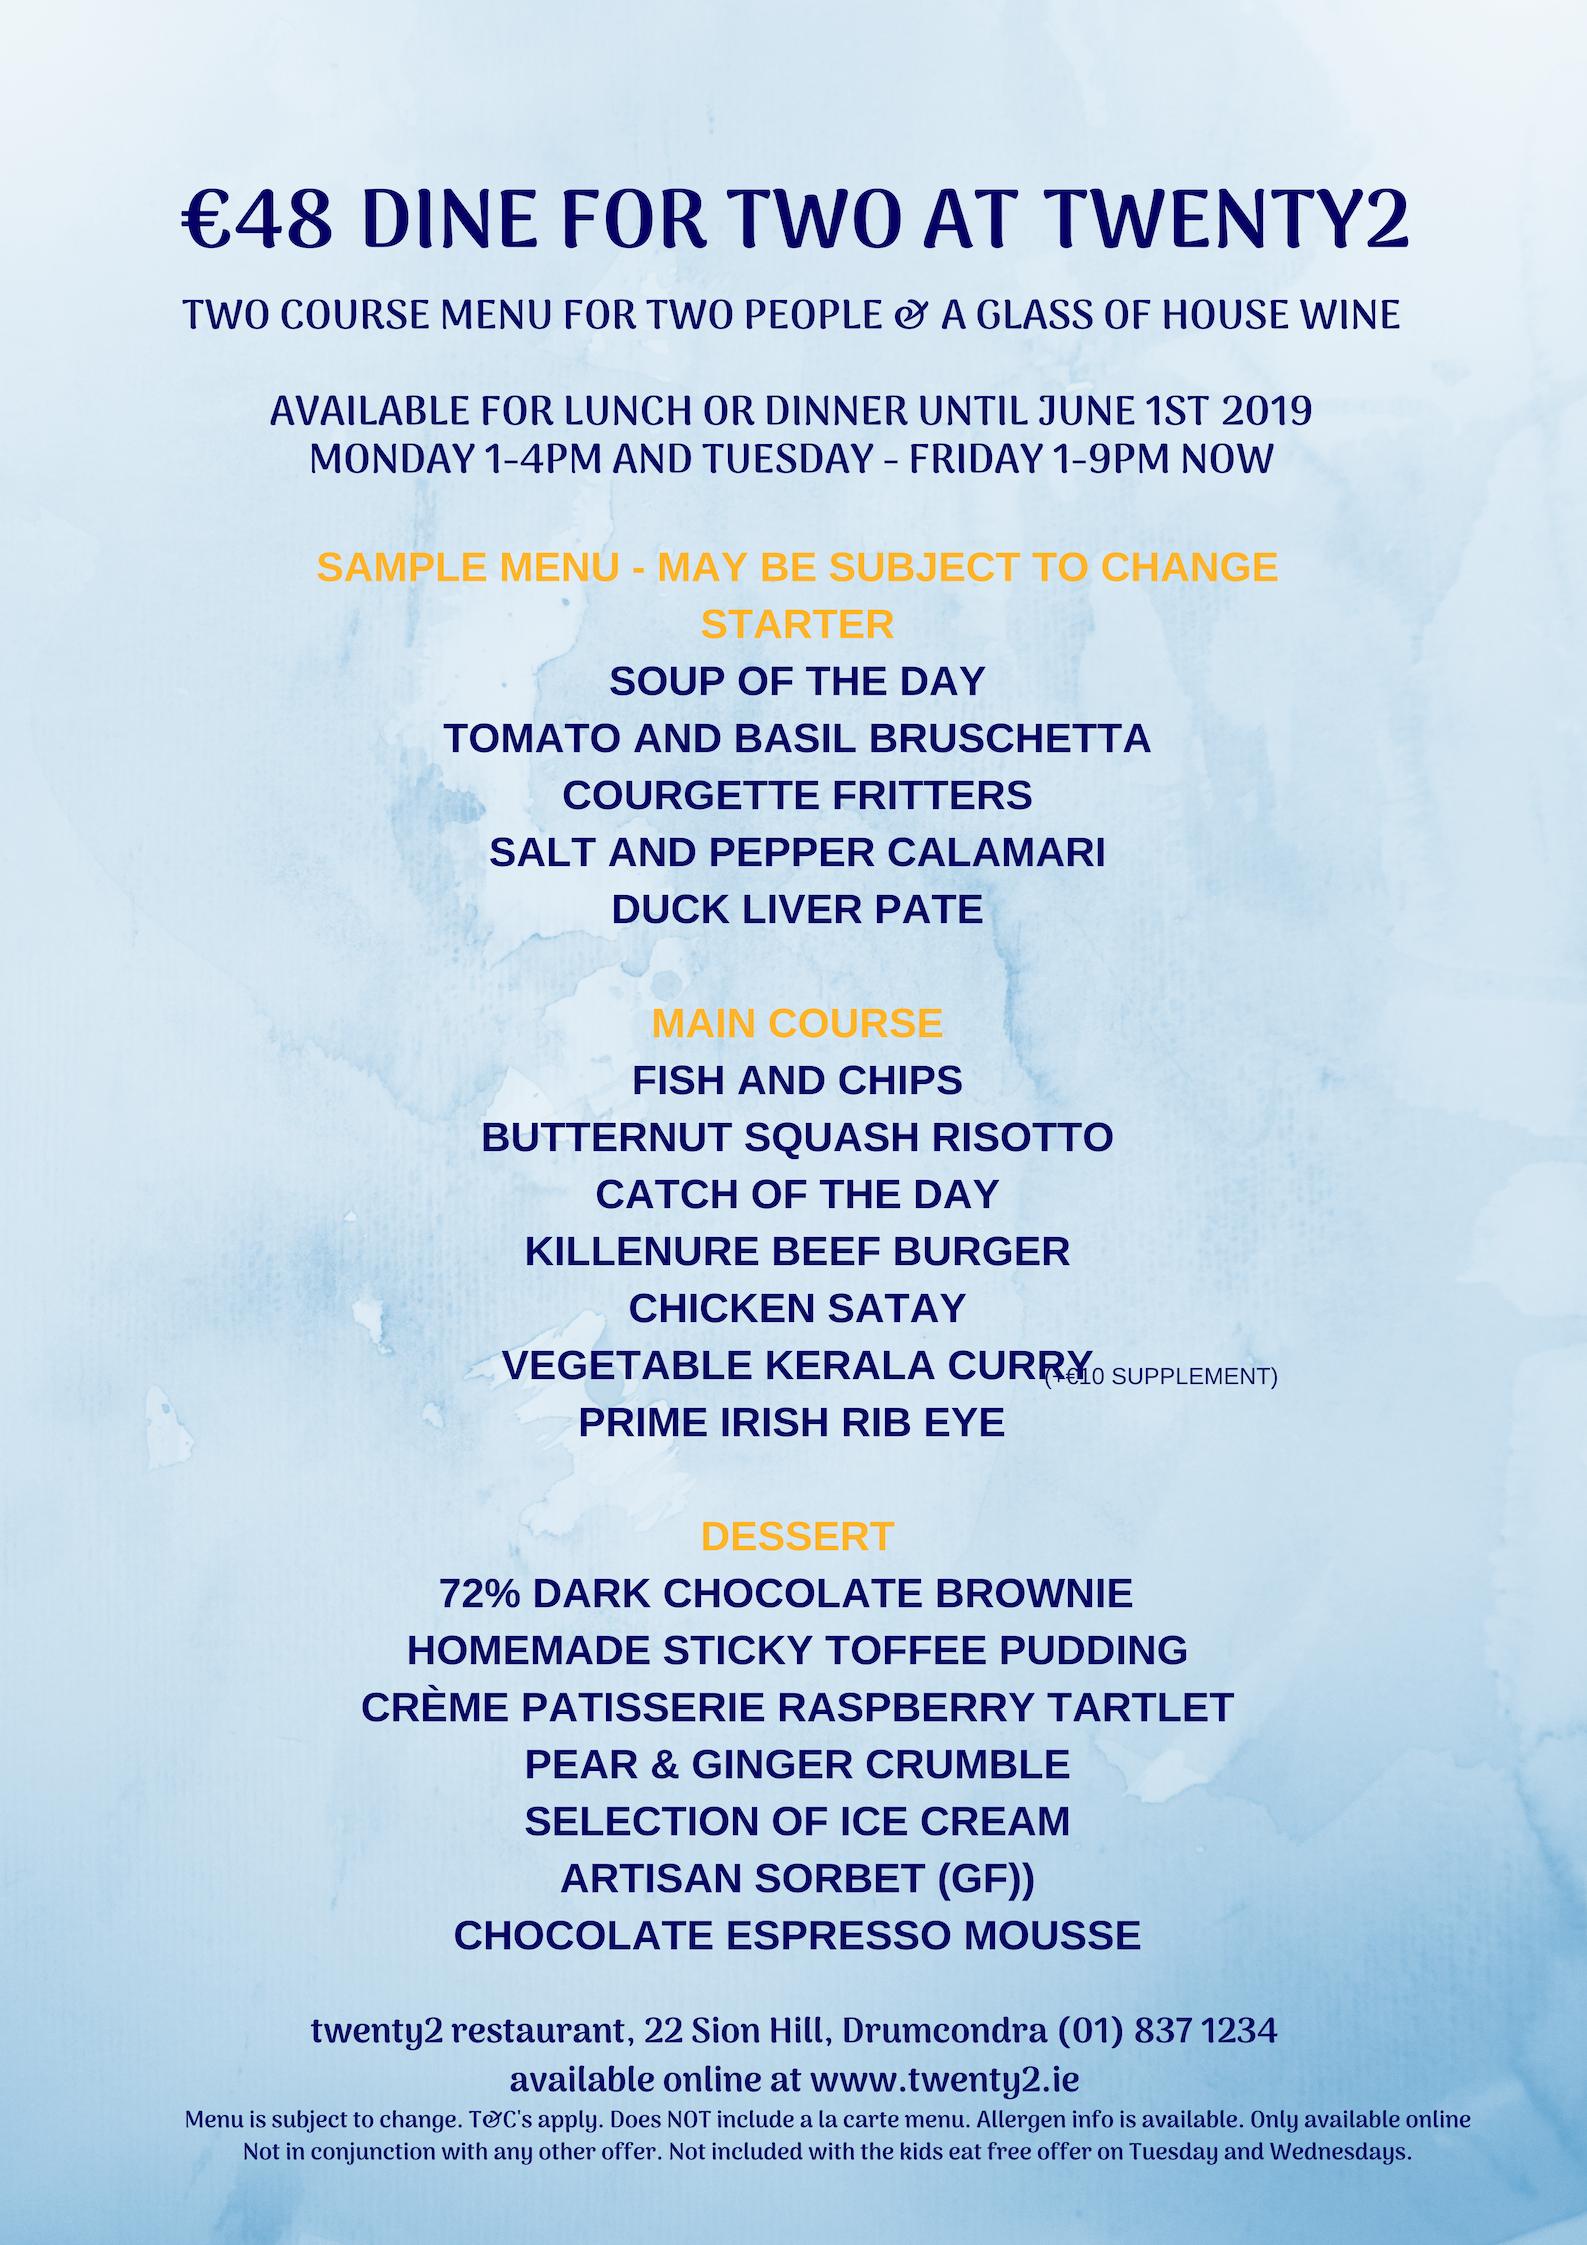 €48 dining offer sample menu at twenty2, Dublin 9